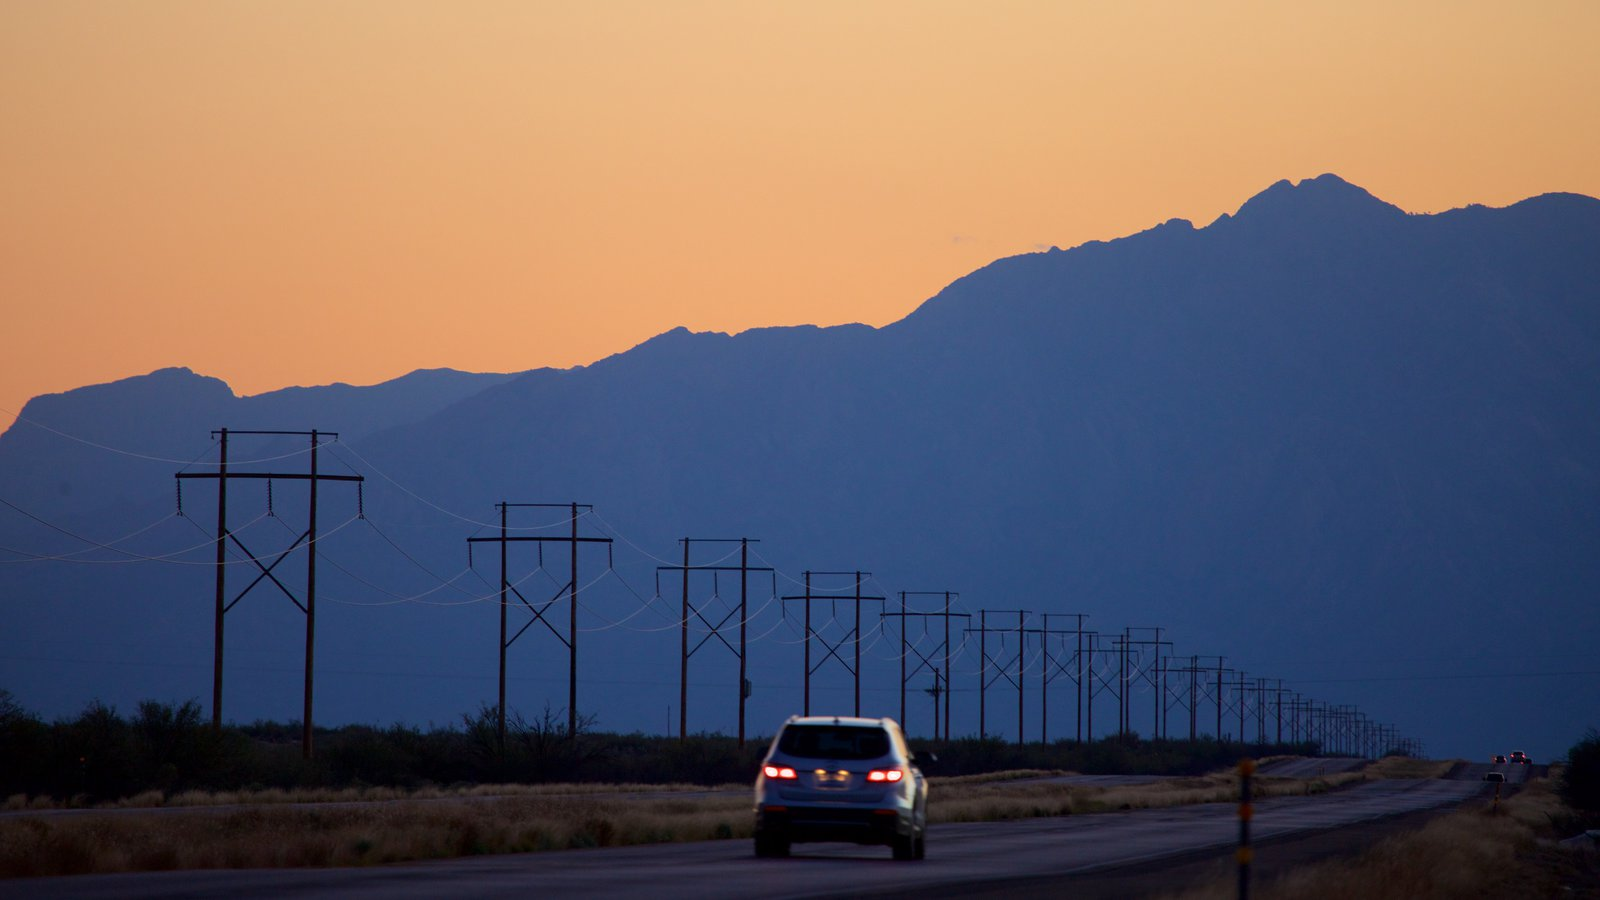 Poligono de misiles de White Sands que incluye turismo en vehículo, una puesta de sol y montañas